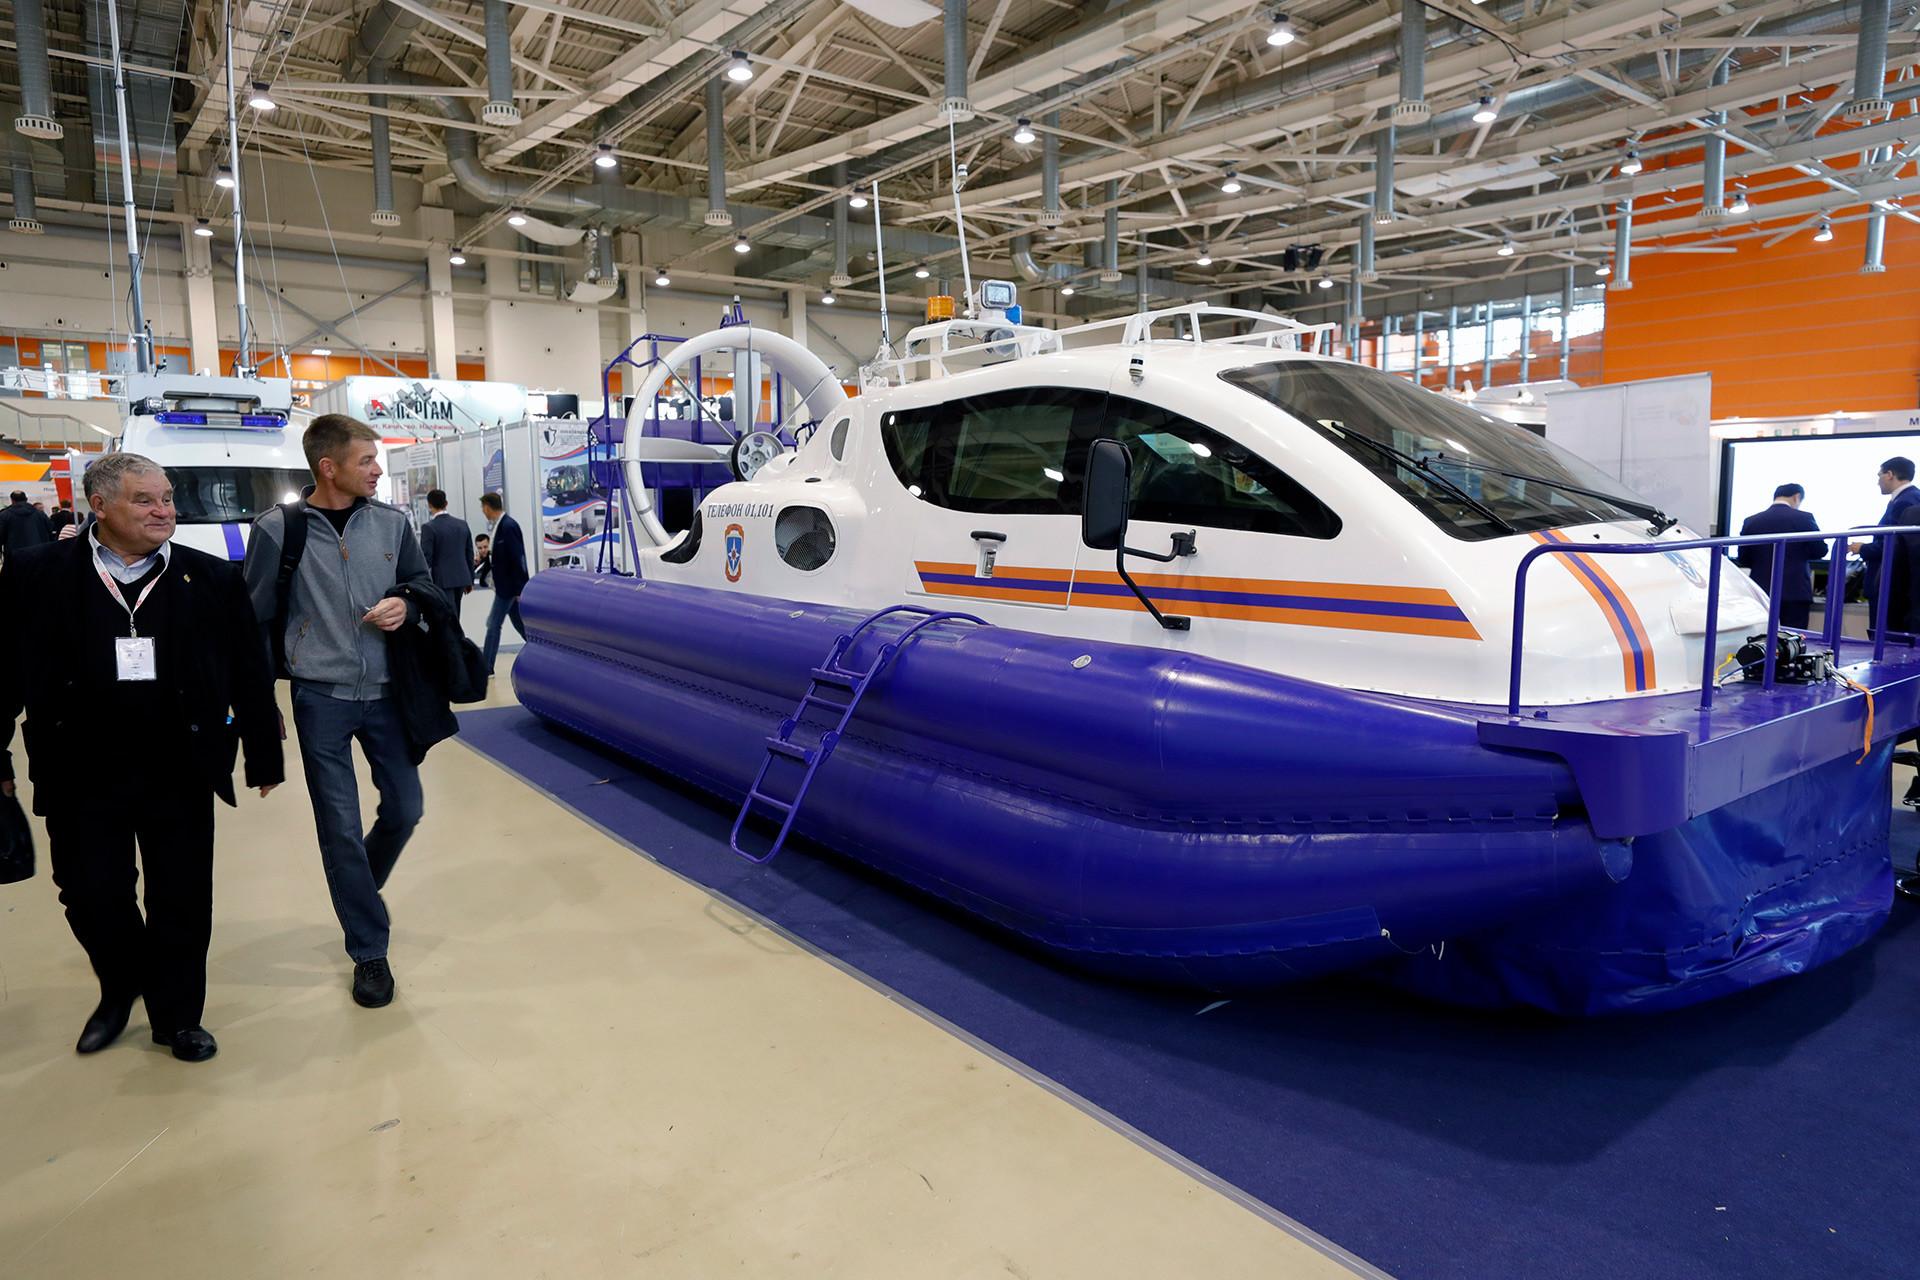 普遍的な交通機関であるXG-8ホバークラフト。全ロシア博覧センターで行われた「Interpolitex-2017」という国際展覧会にて。